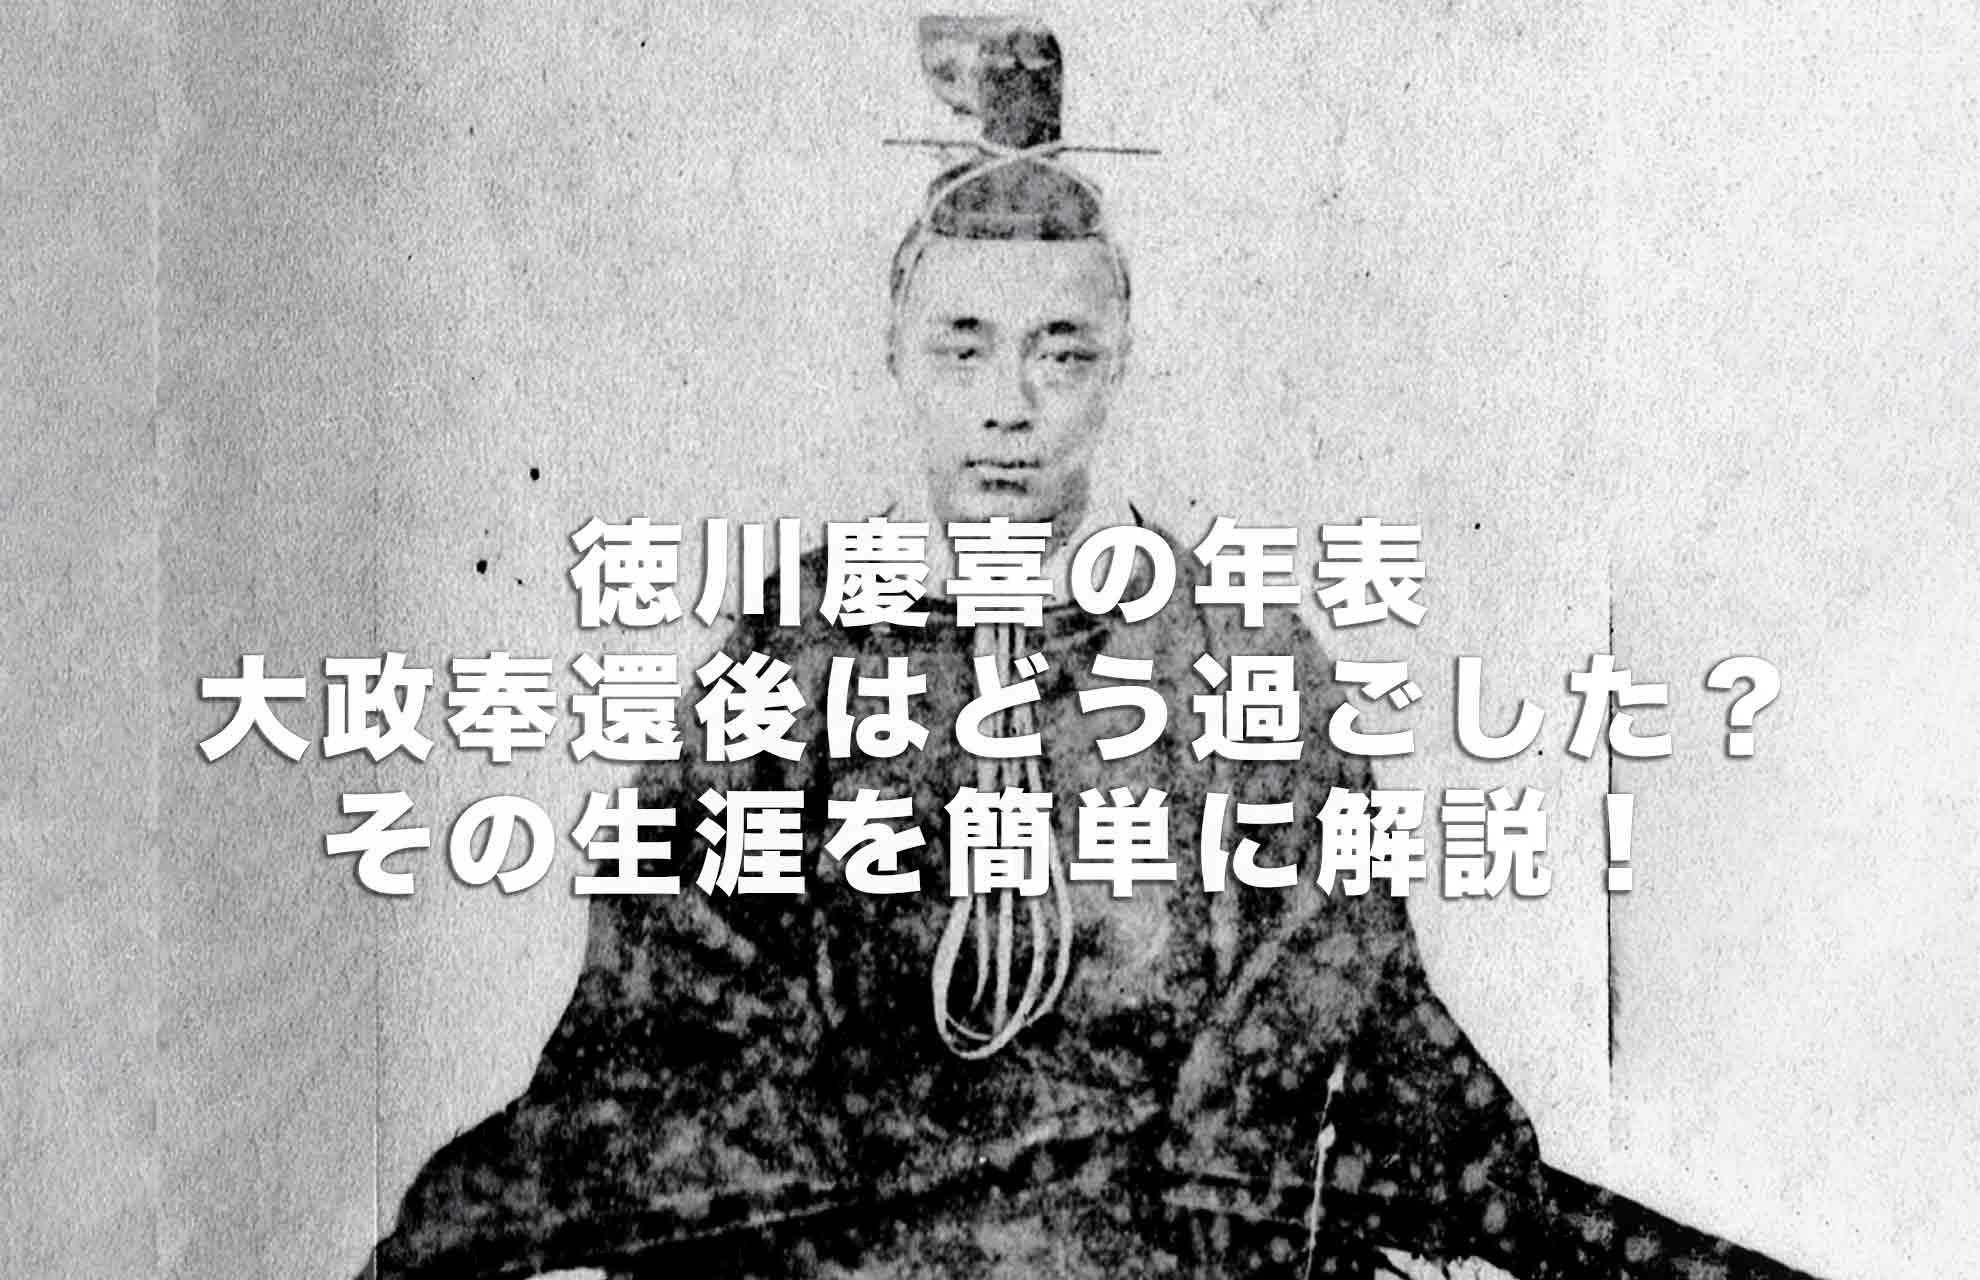 徳川慶喜の年表|大政奉還後はどう過ごした?その生涯を簡単に解説!